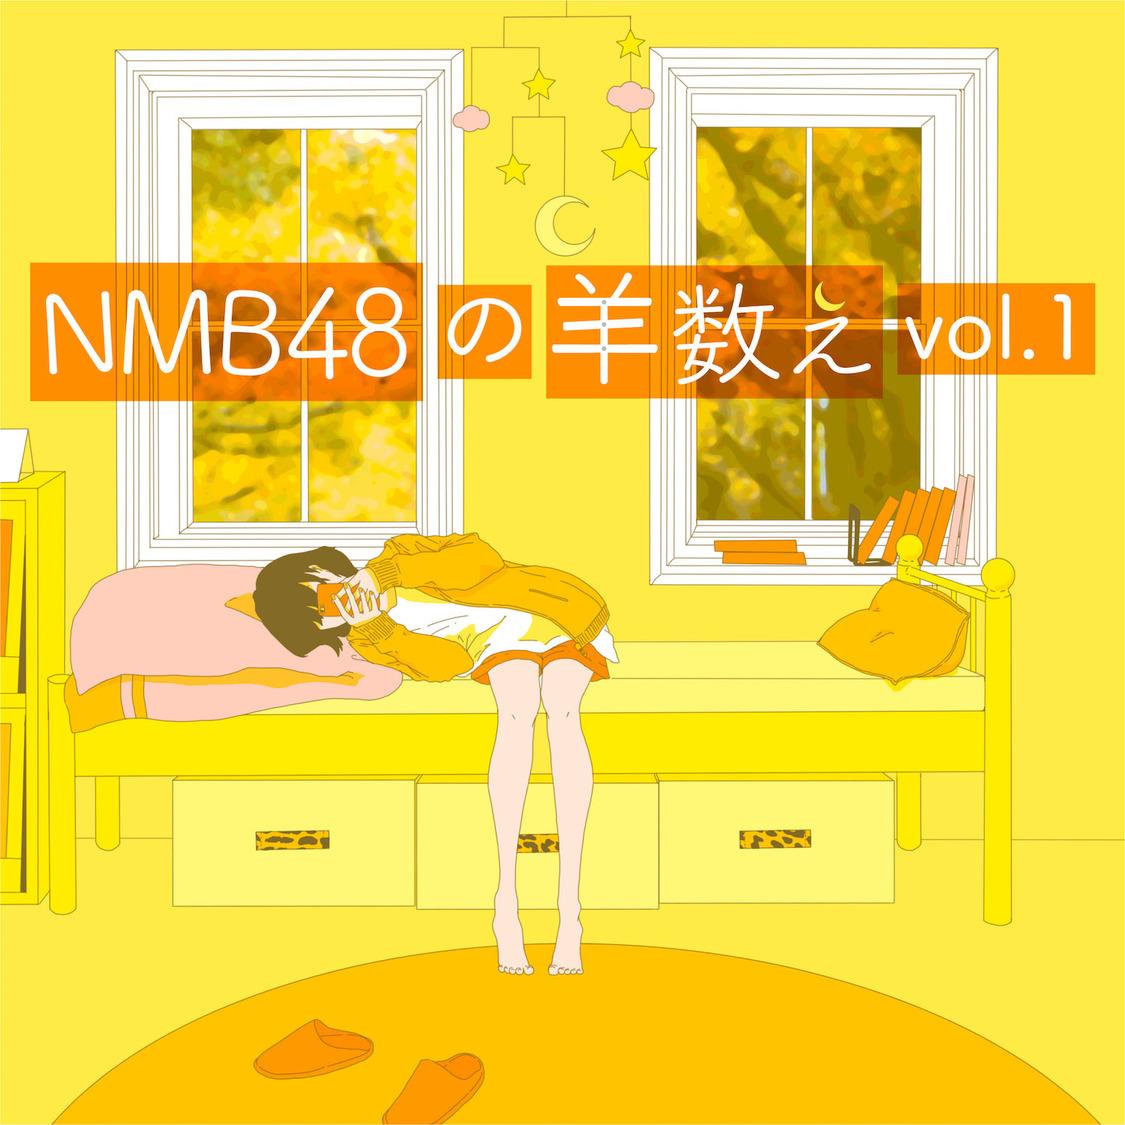 NMB48メンバーが羊などを数える! バイノーラル録音のボイスコンテンツ『NMB48の羊数え』配信スタート